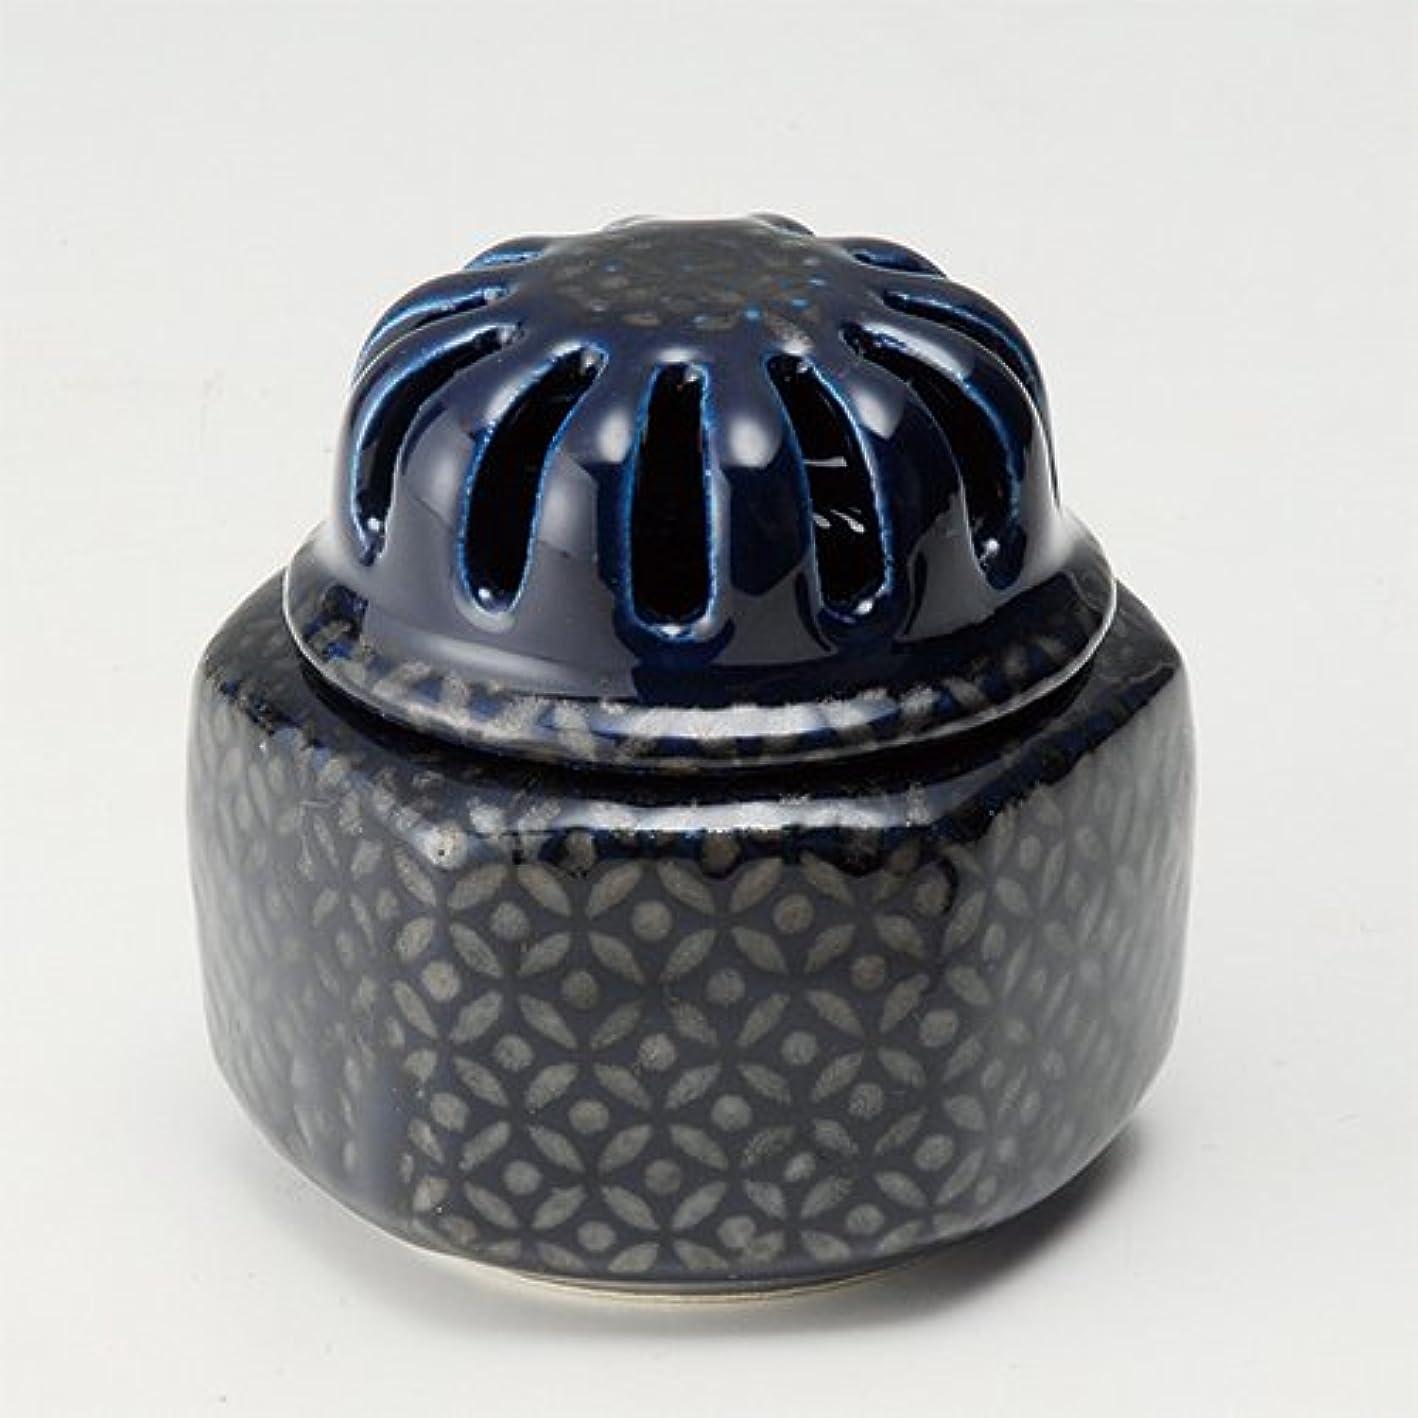 適用済み社会主義勧告香炉 瑠璃七宝 福香炉 [R8.8xH8.7cm] プレゼント ギフト 和食器 かわいい インテリア